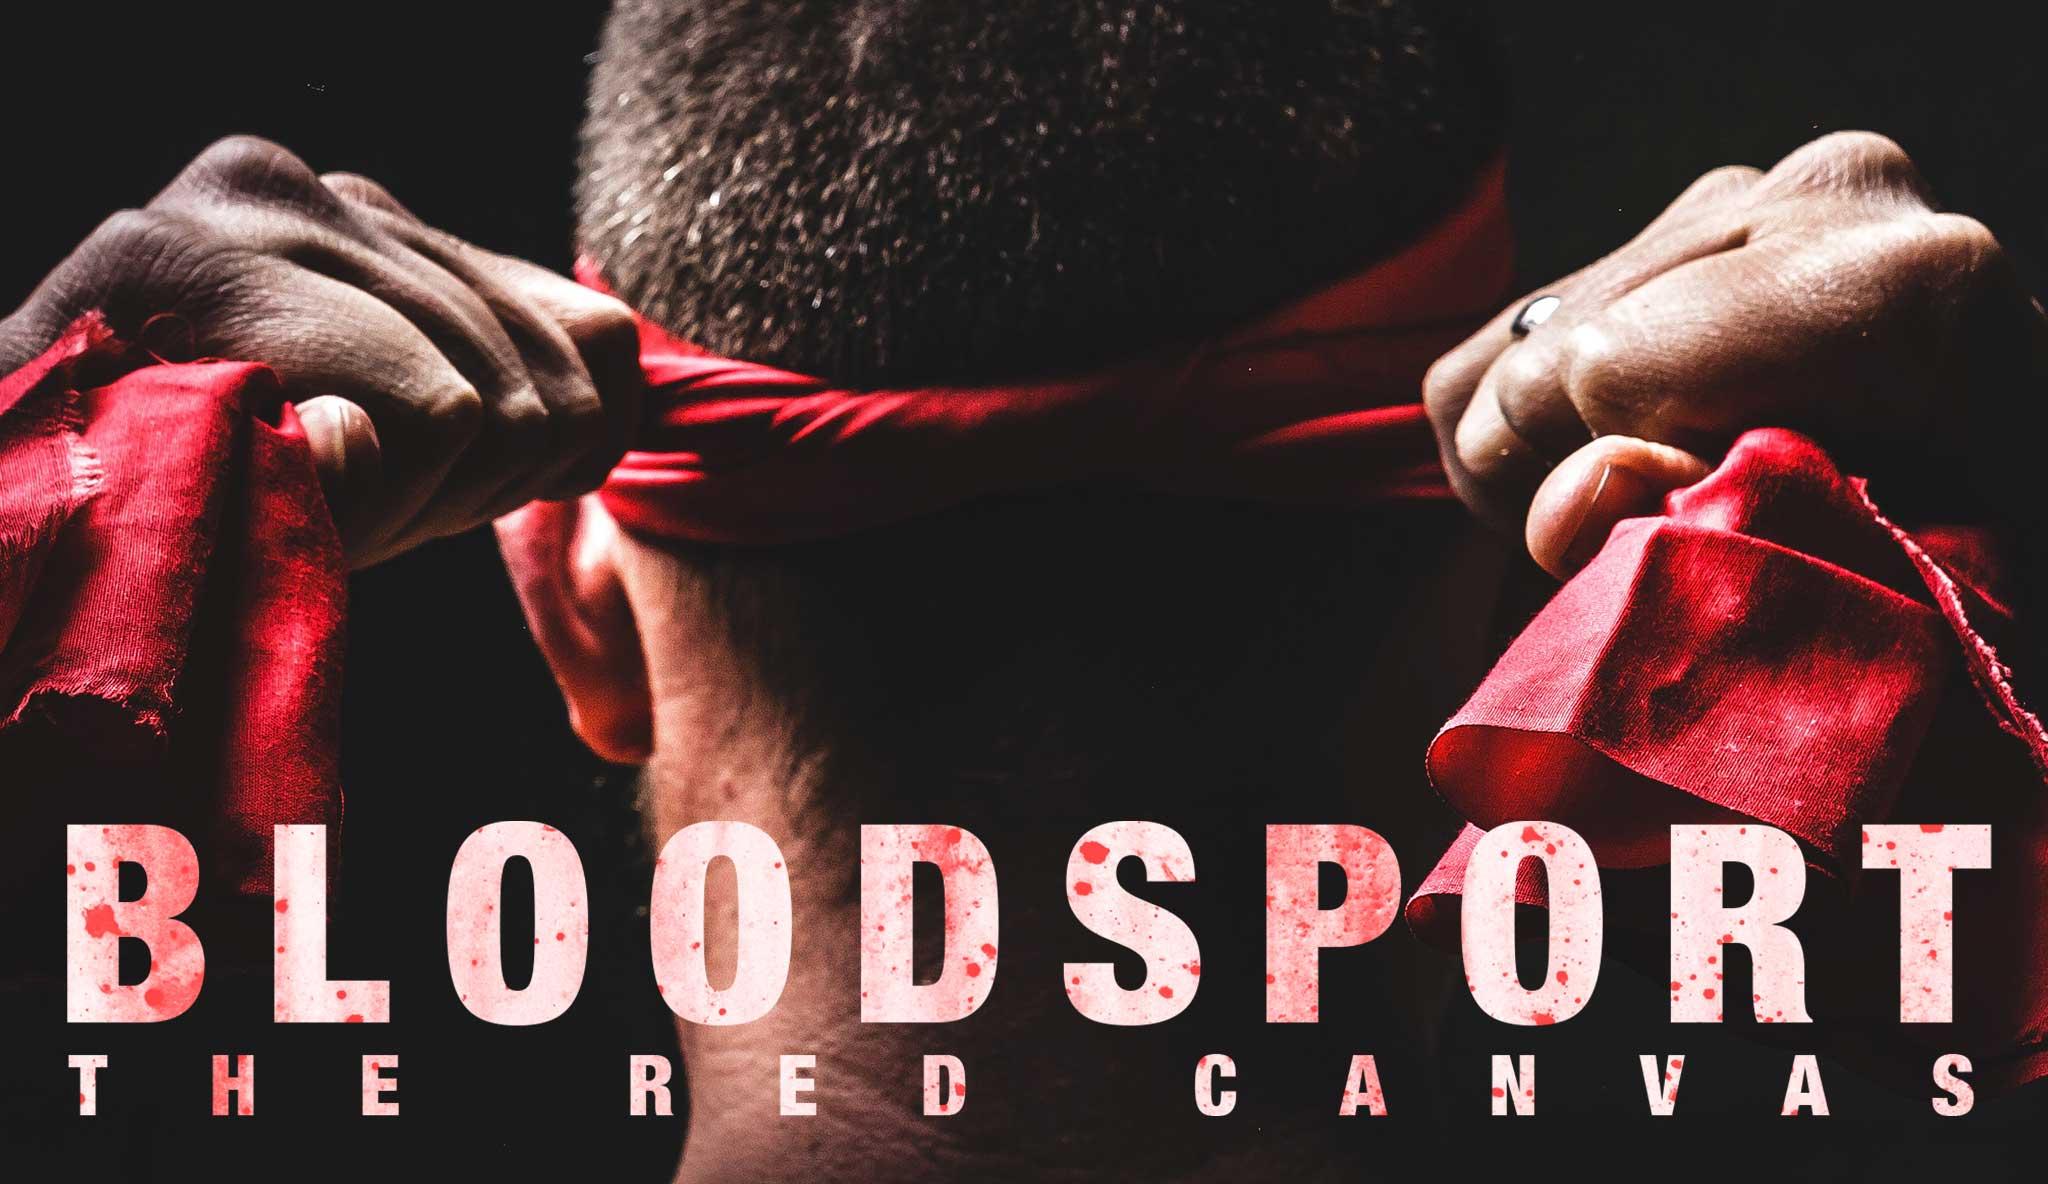 bloodsport-the-red-canvas\header.jpg